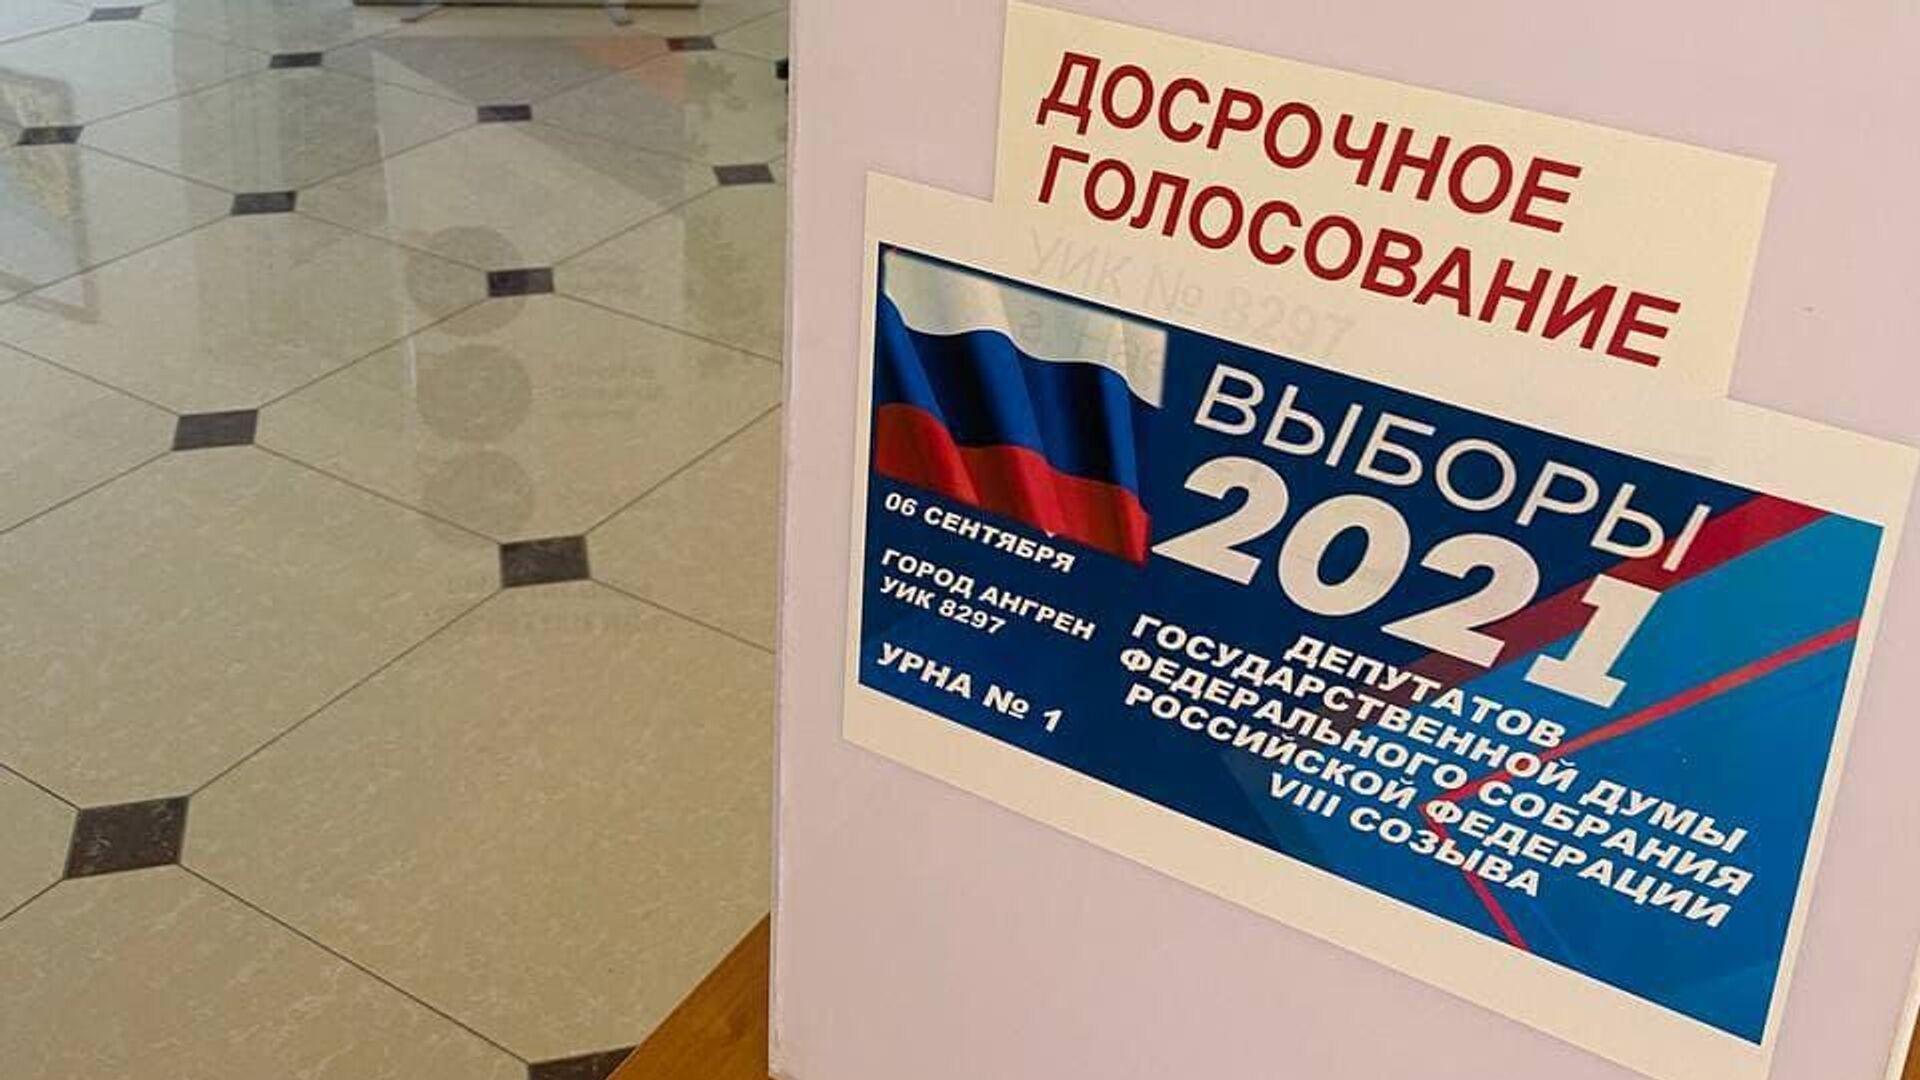 В Ангрене стартовало досрочное голосование на выборах в Госдуму РФ - Sputnik Узбекистан, 1920, 06.09.2021